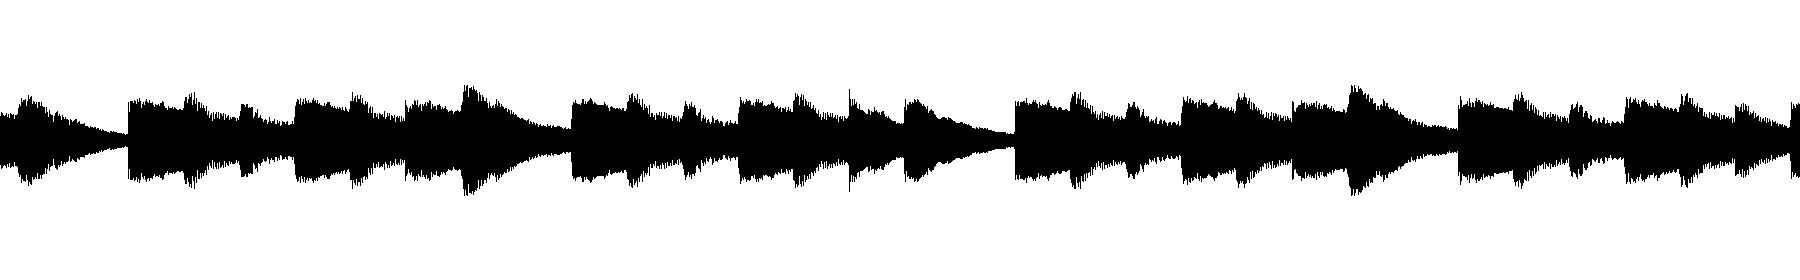 4 audio 0001 2020 01 16 144508